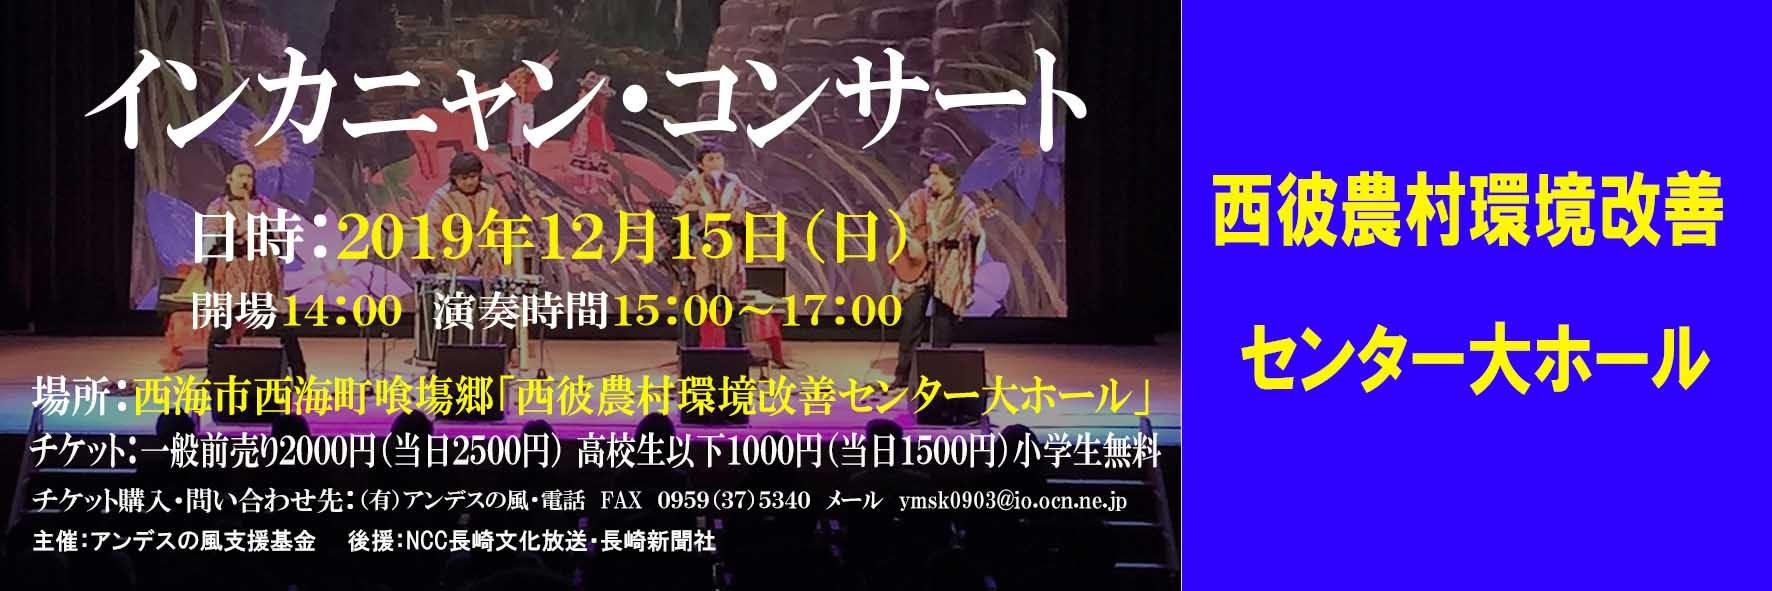 12/7(土)・12/15(日) インカニャン・コンサート情報_b0076801_15475374.jpg